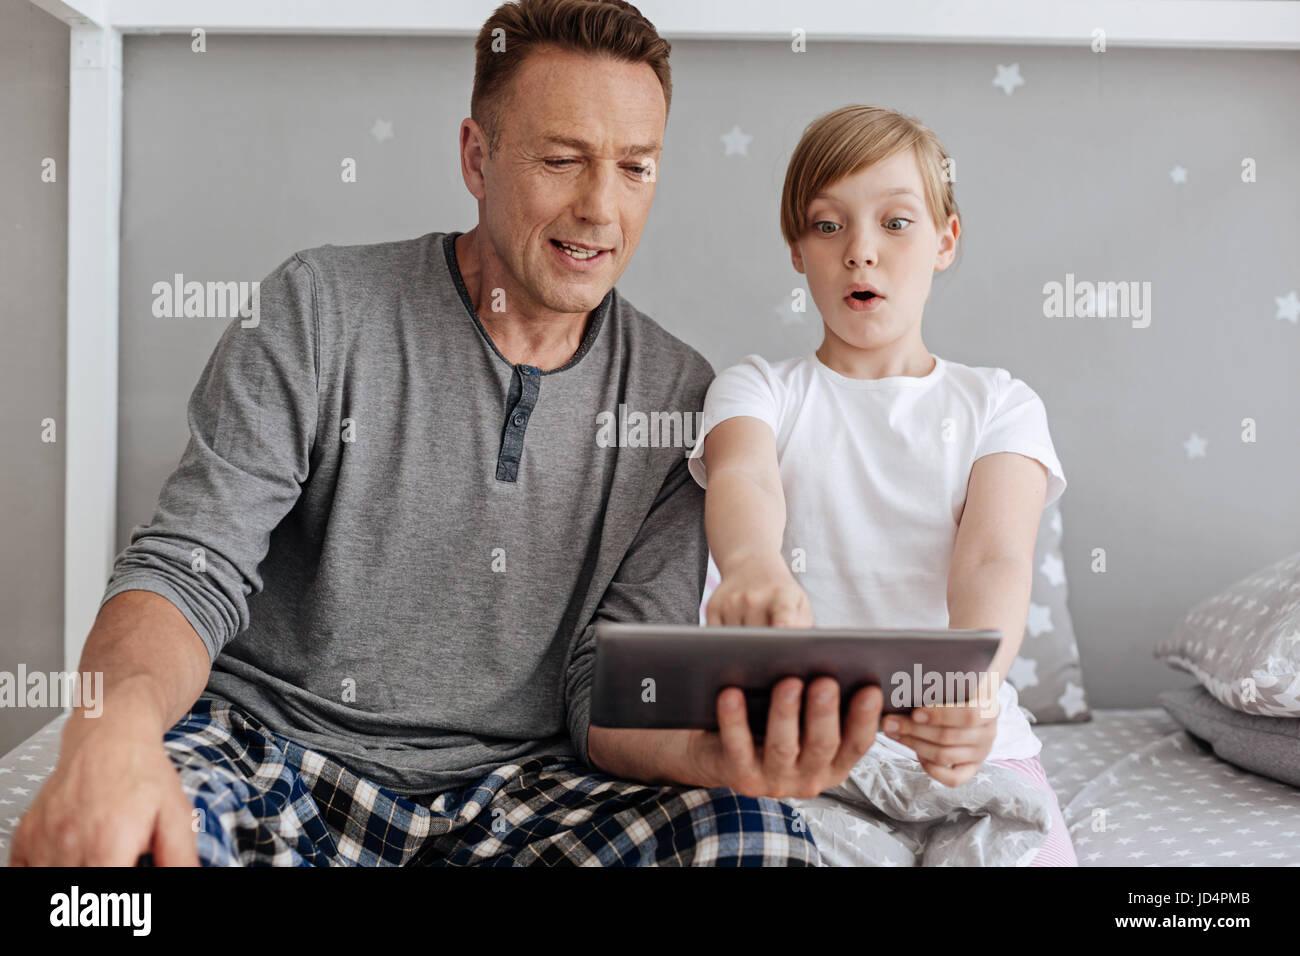 Enfant passionné lumineux pointant sur la tablette Photo Stock